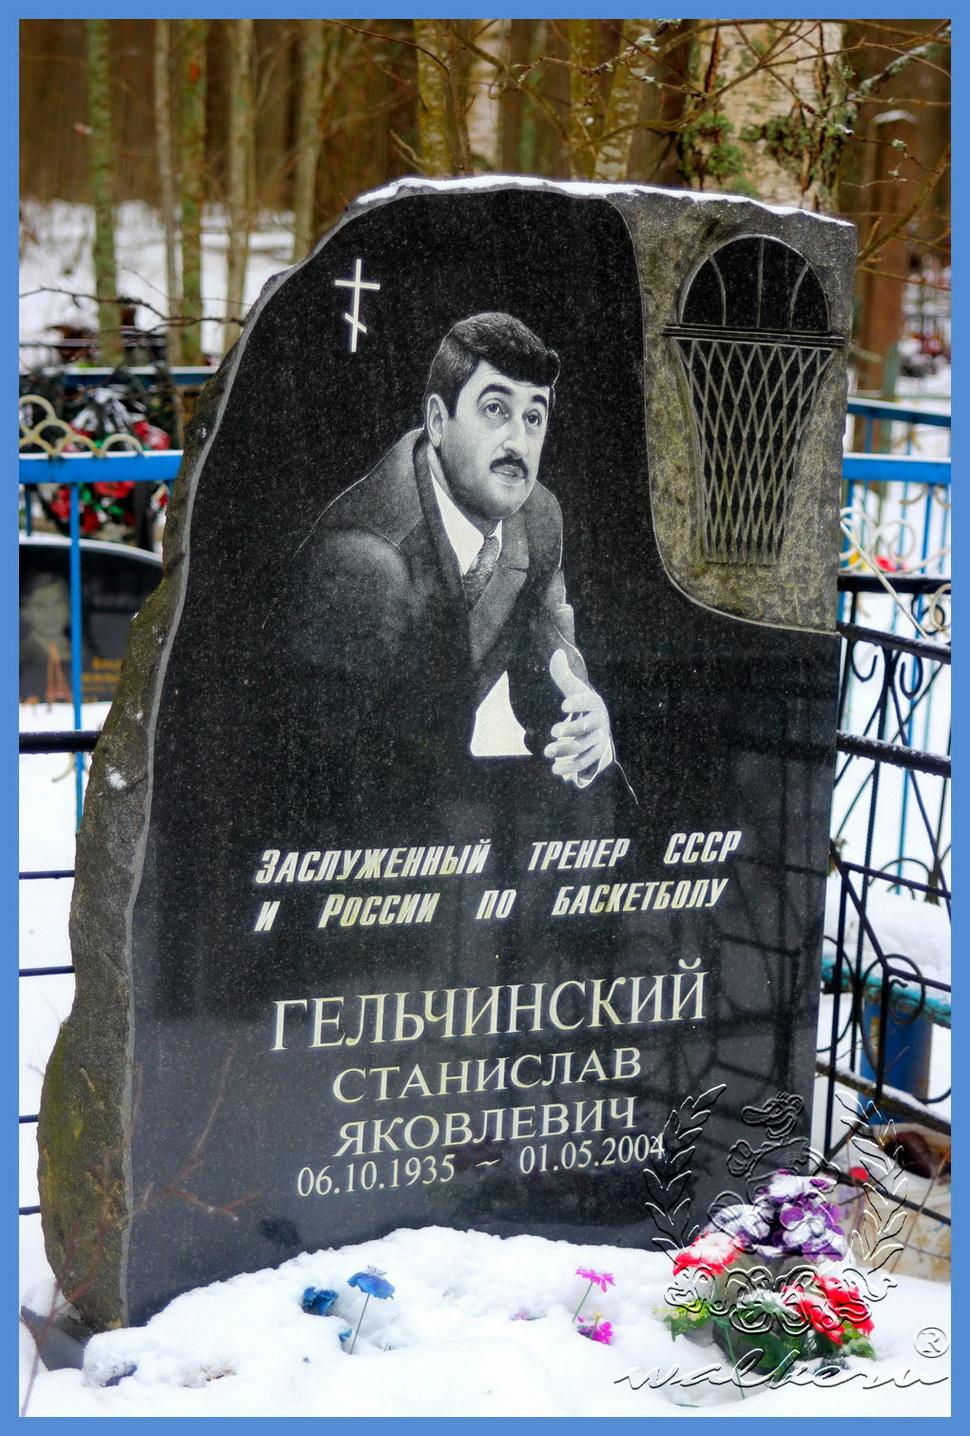 Гельчинский Станислав Яковлевич